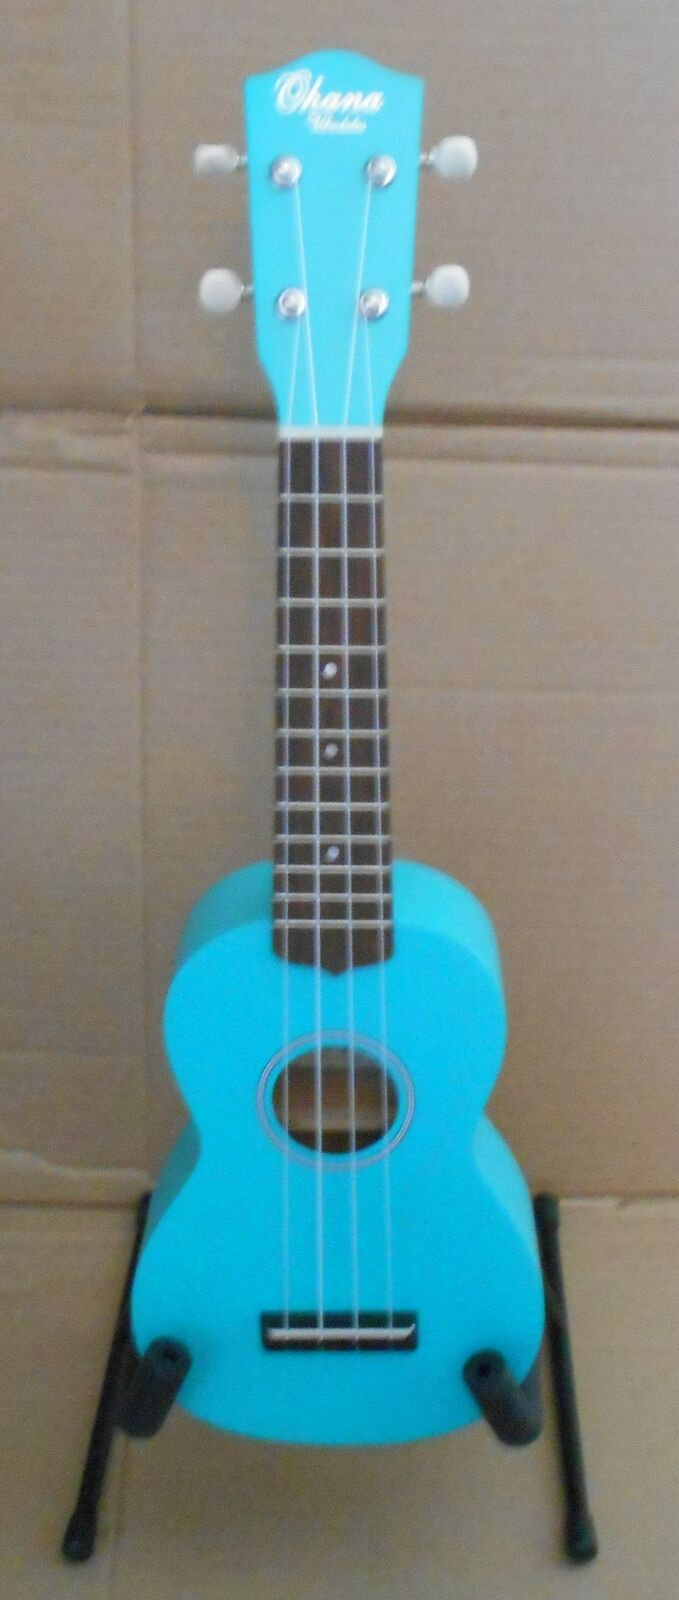 Ohana SK-10TQ Turquoise Soprano Ukulele